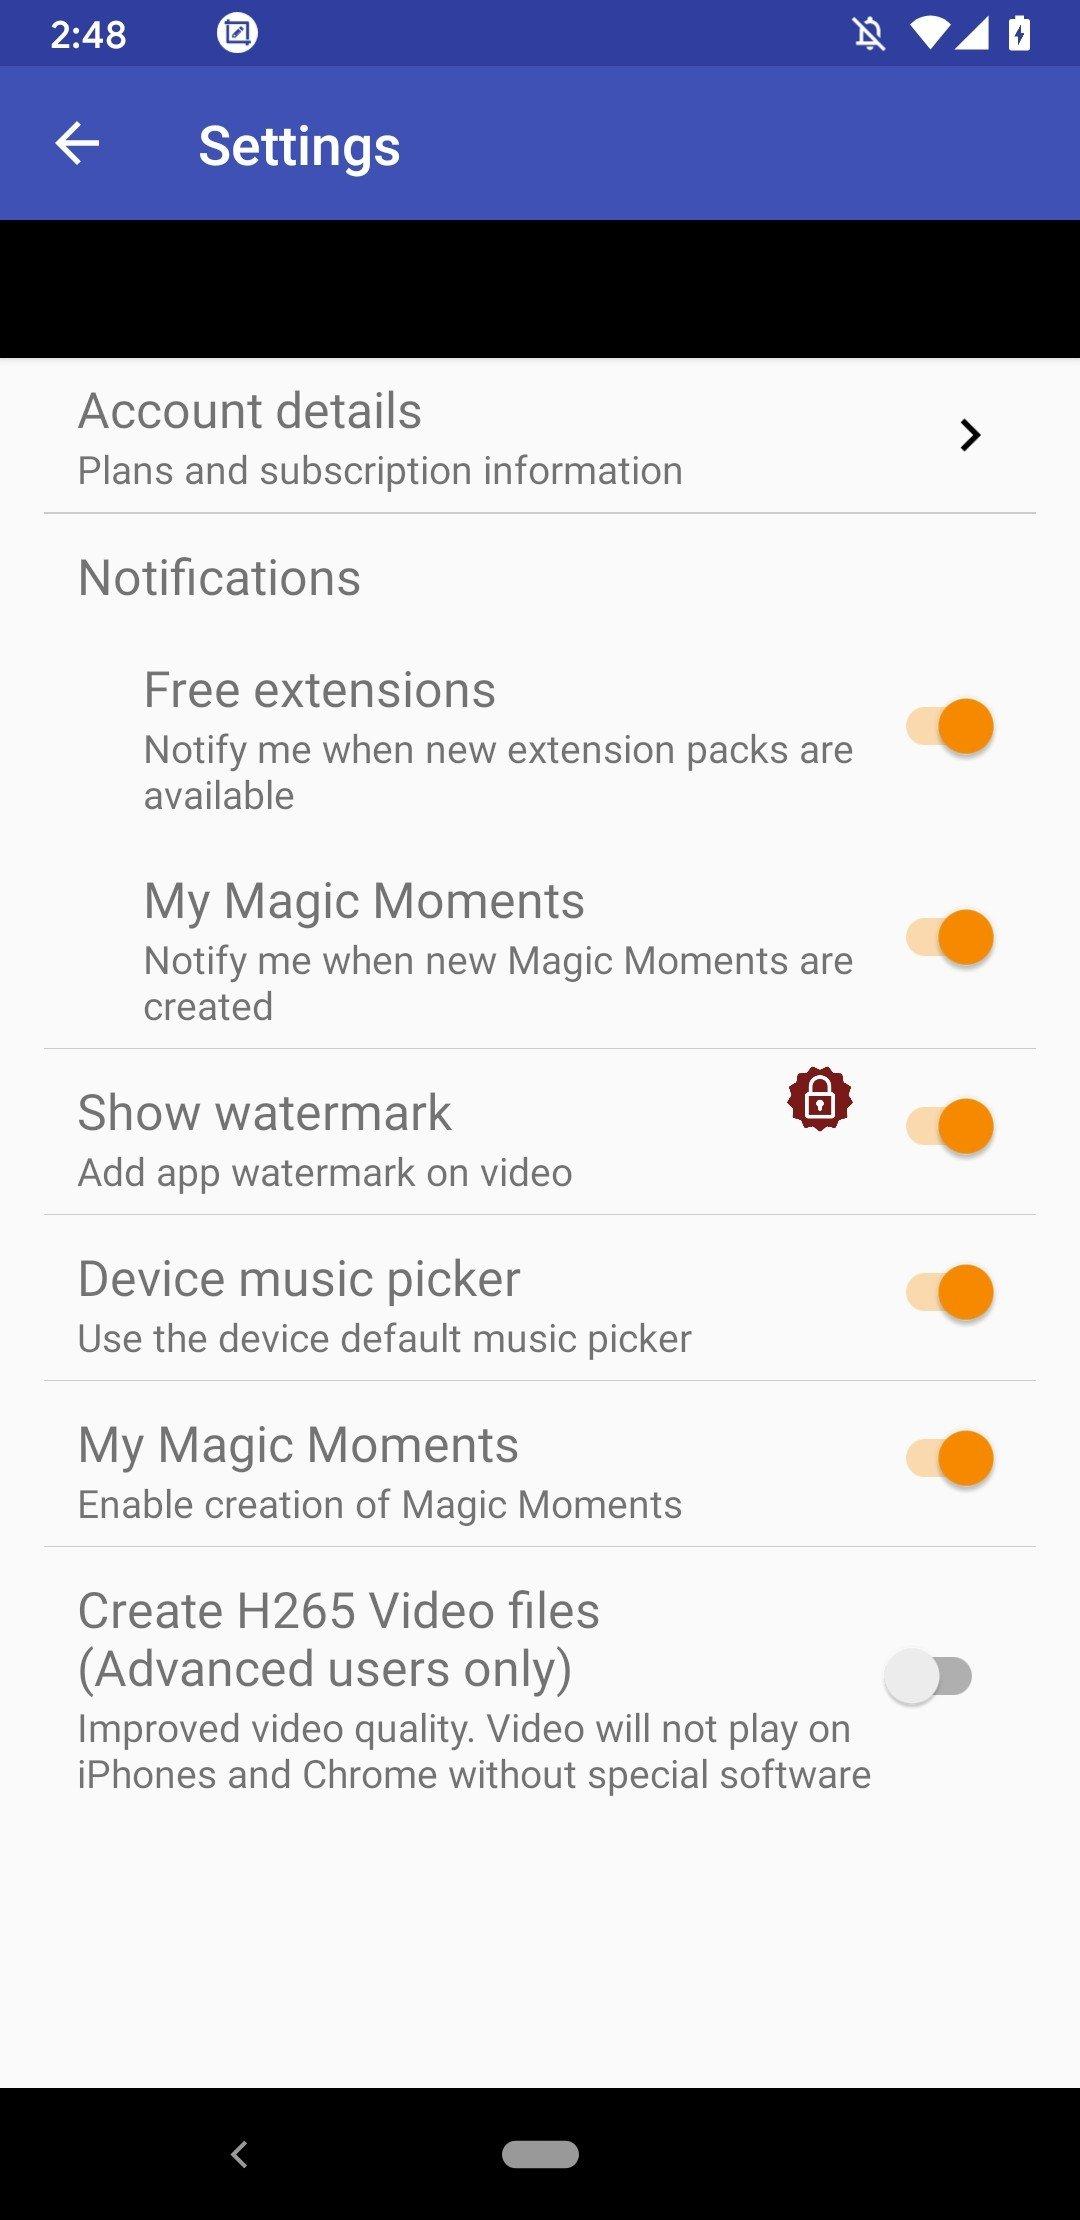 Download creatore di presentazioni 23 3 android apk gratis for Creatore di piani gratuito